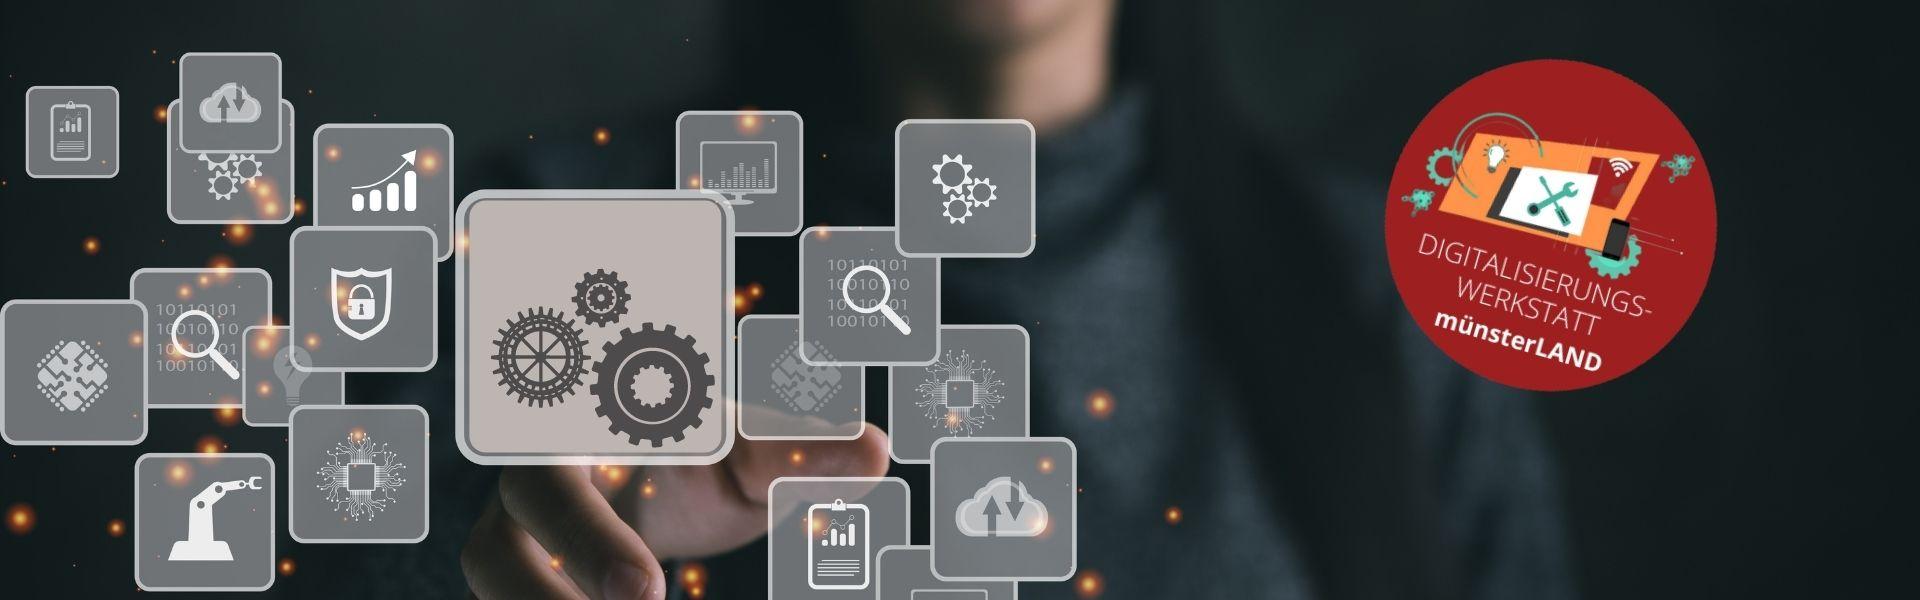 Digitalisierungswerkstatt Modul IV: Neue digitale Services und Produkte entwickeln?